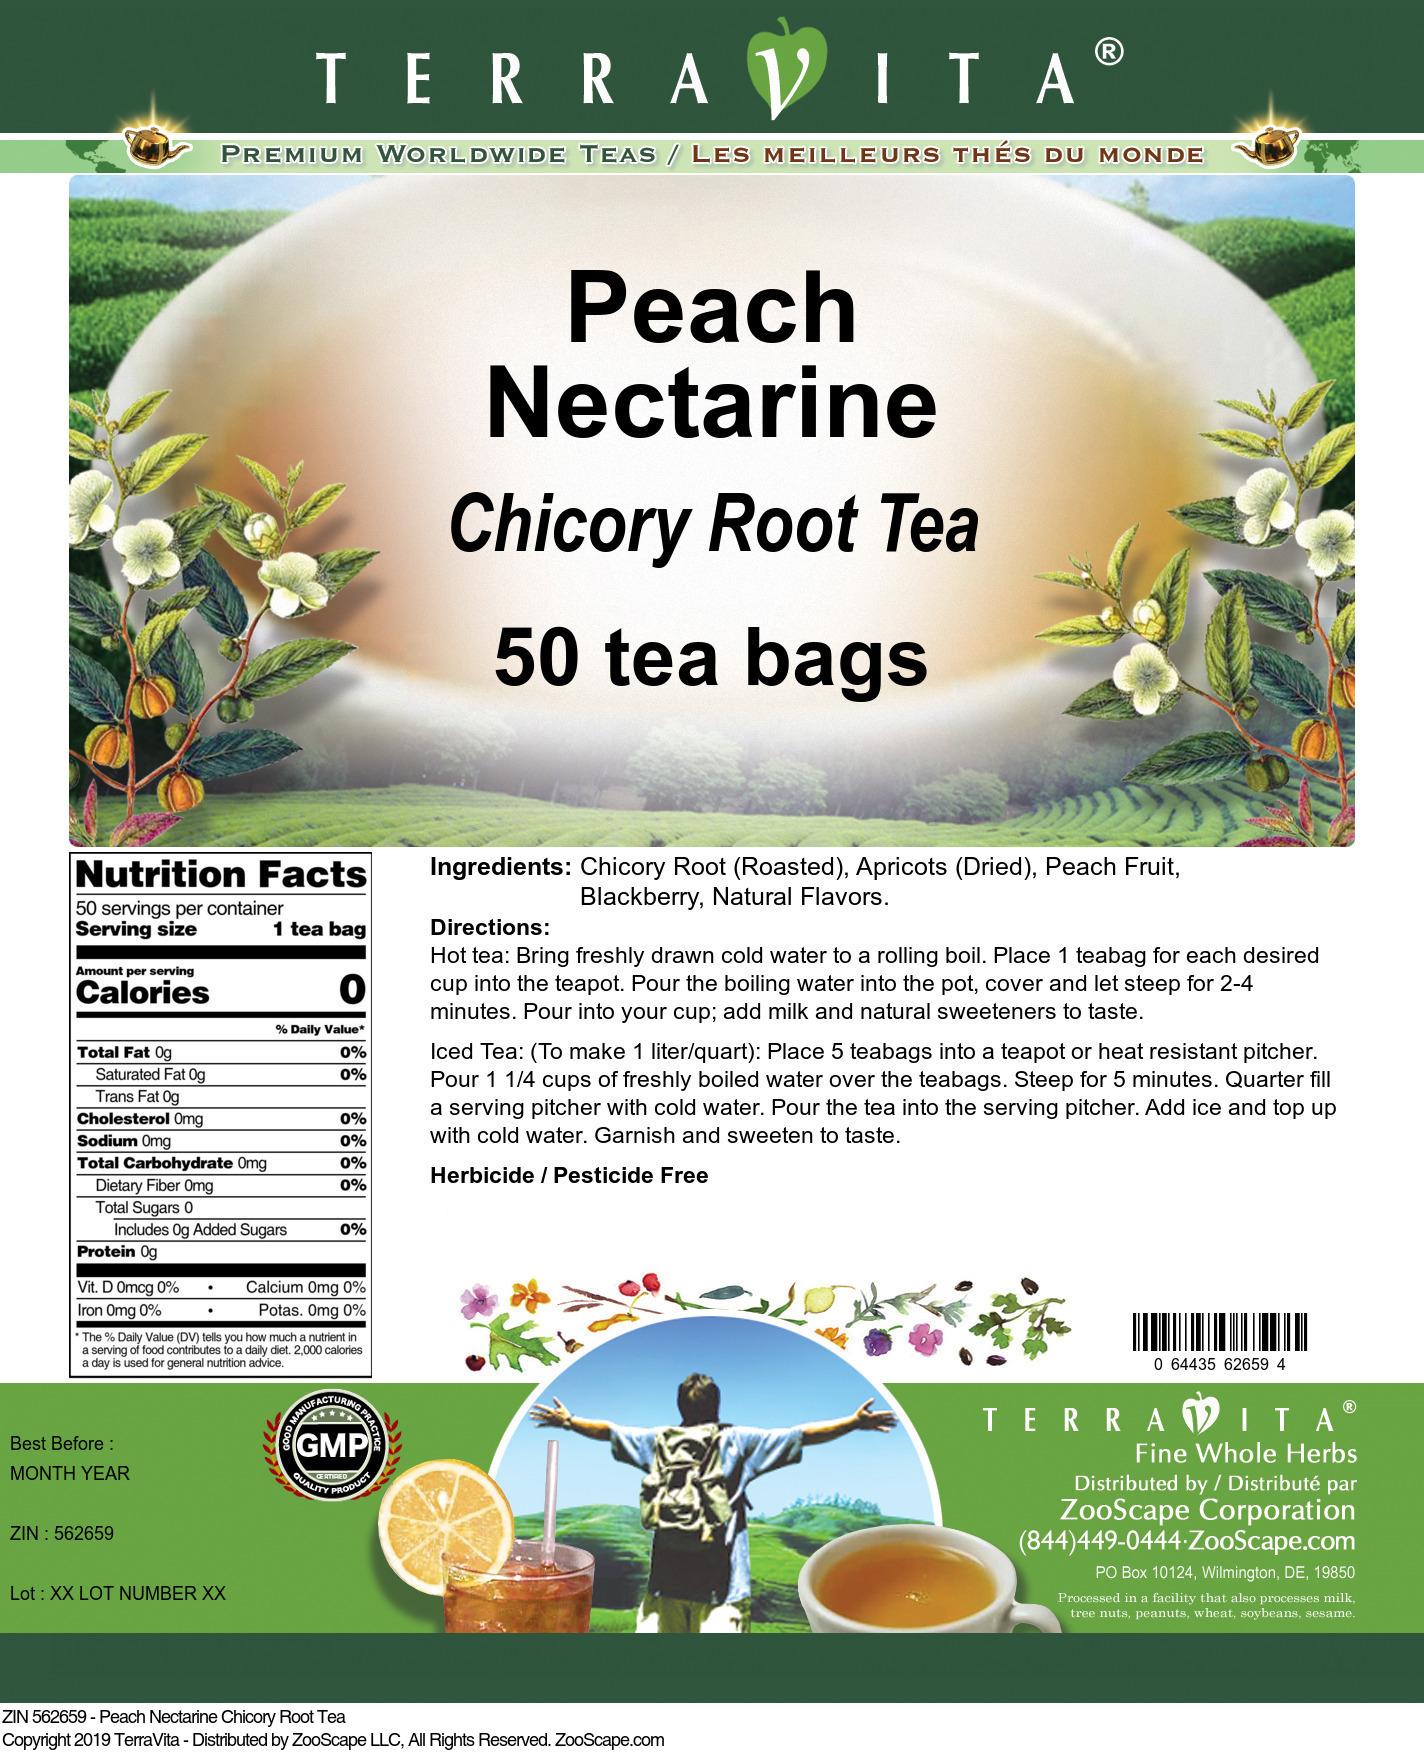 Peach Nectarine Chicory Root Tea